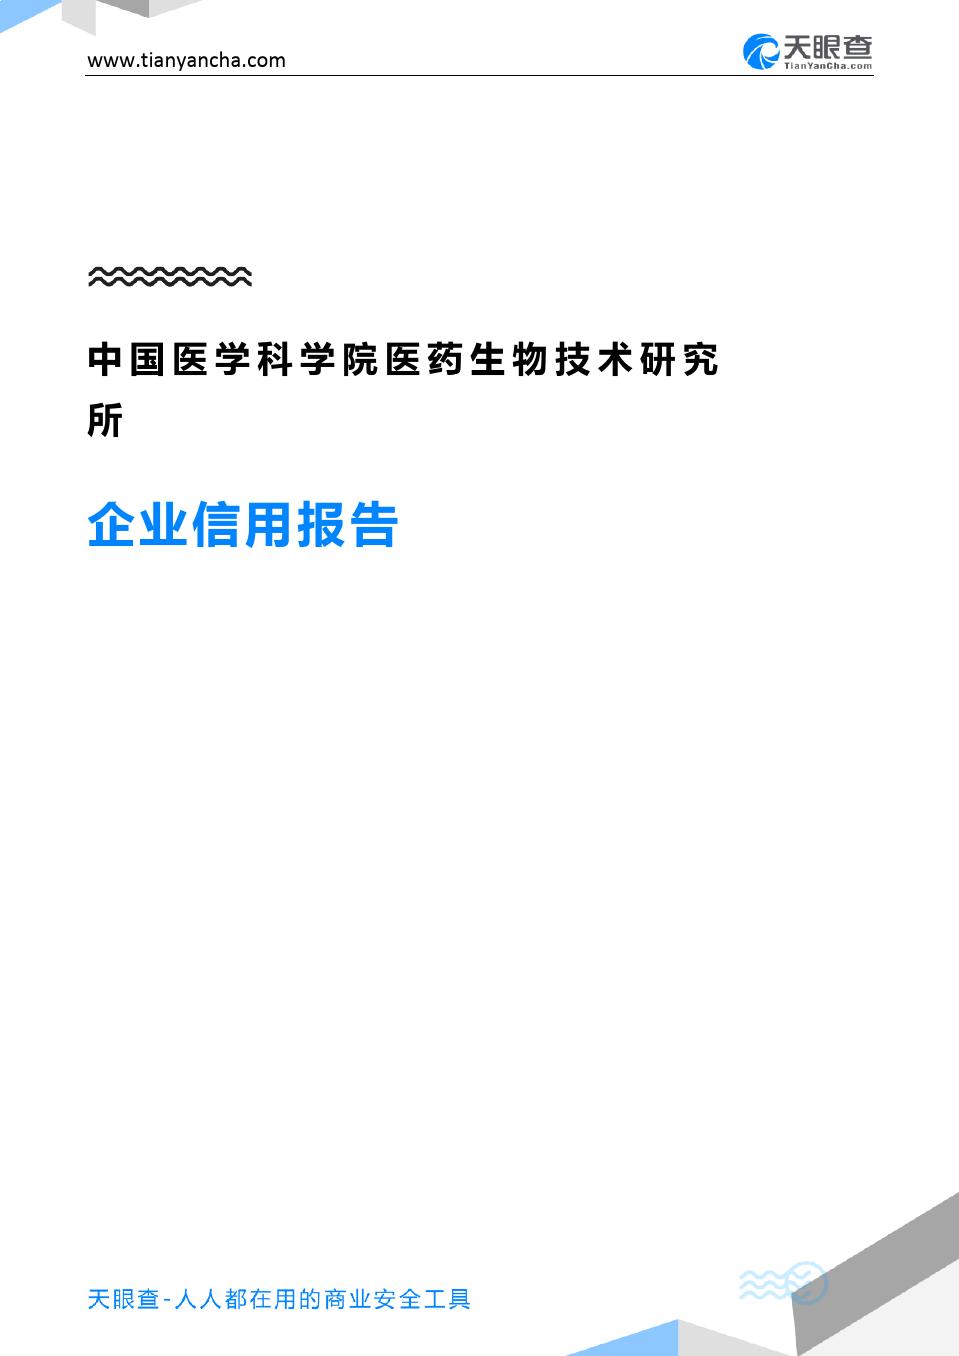 中国医学科学院医药生物技术研究所企业信用报告-天眼查